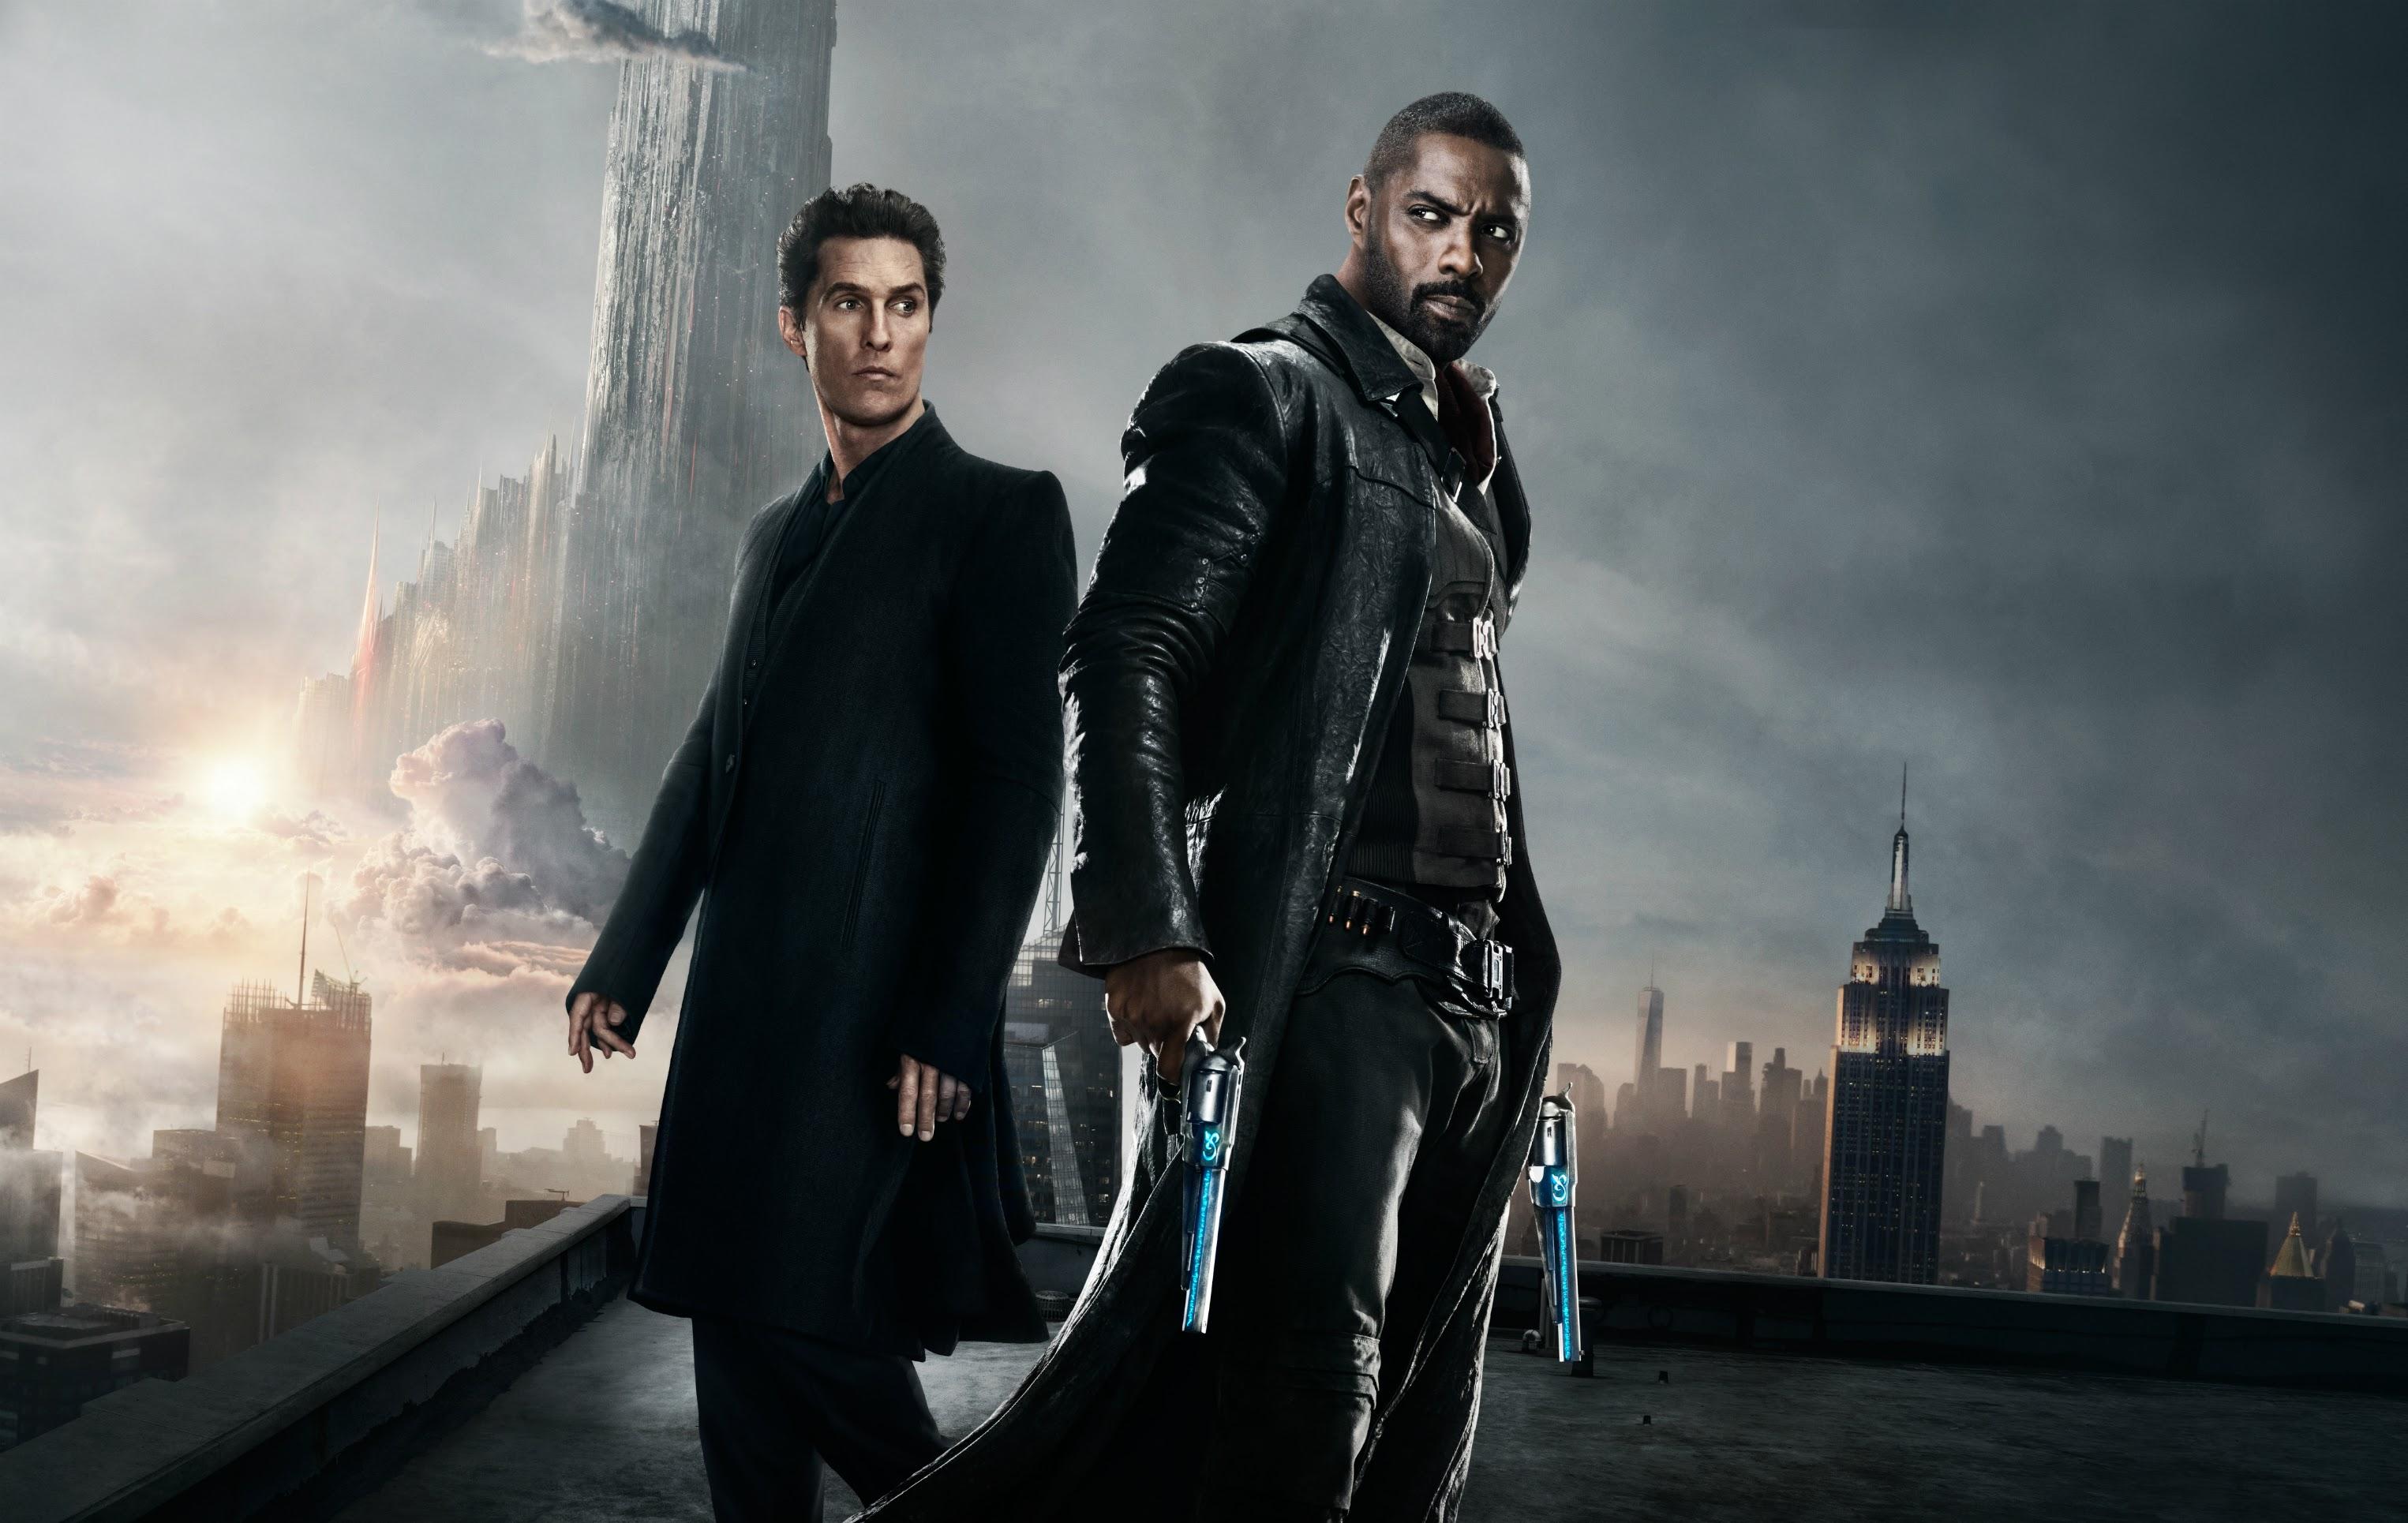 The Dark Tower : スティーヴン・キング原作のダーク・ファンタジーのウェスタン・アクション「ザ・ダーク・タワー」のキング・ネタを盛り込んだ新しいTVスポット ! !